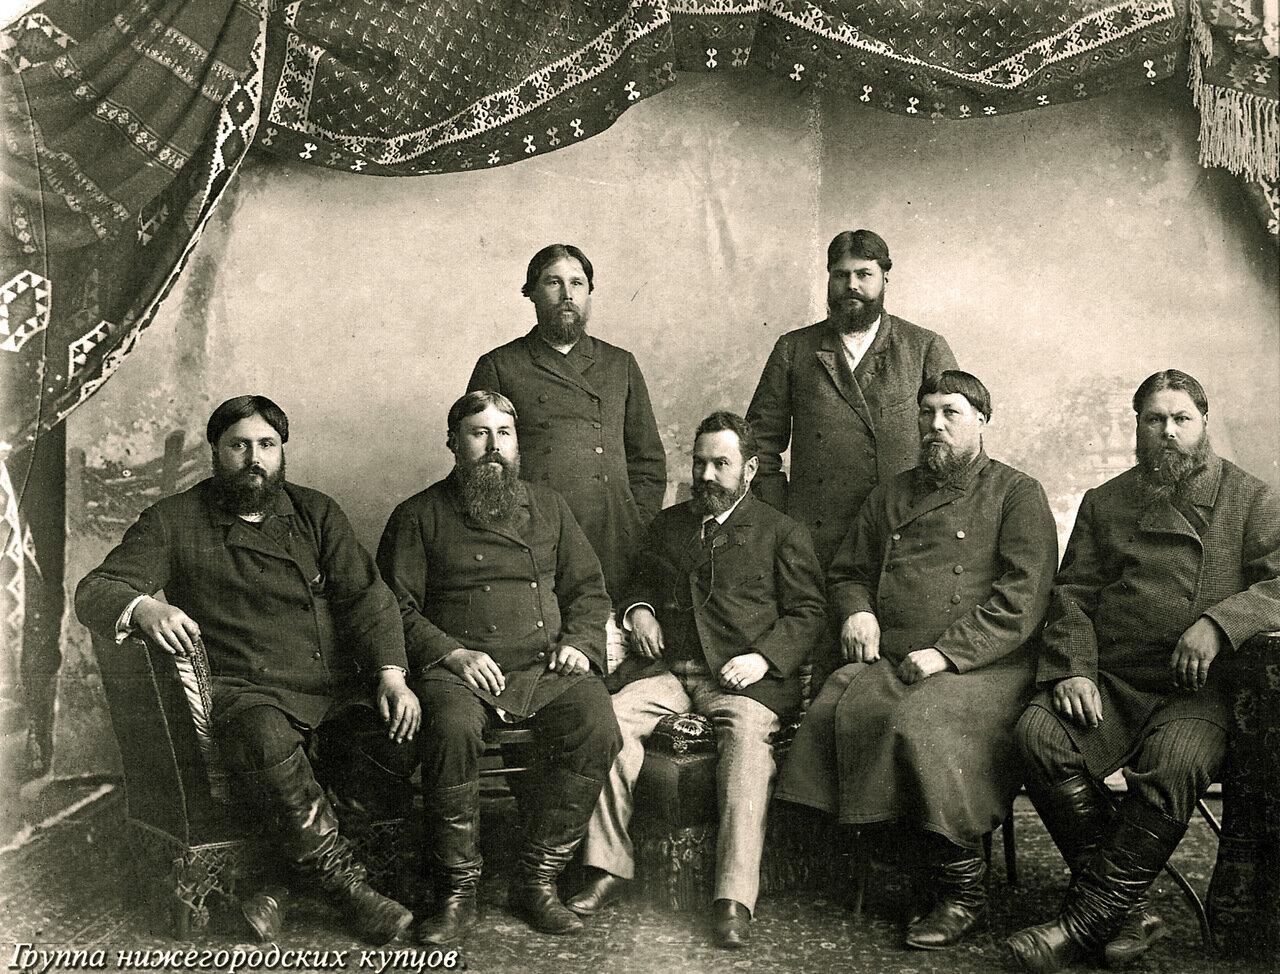 Группа нижегородских купцов